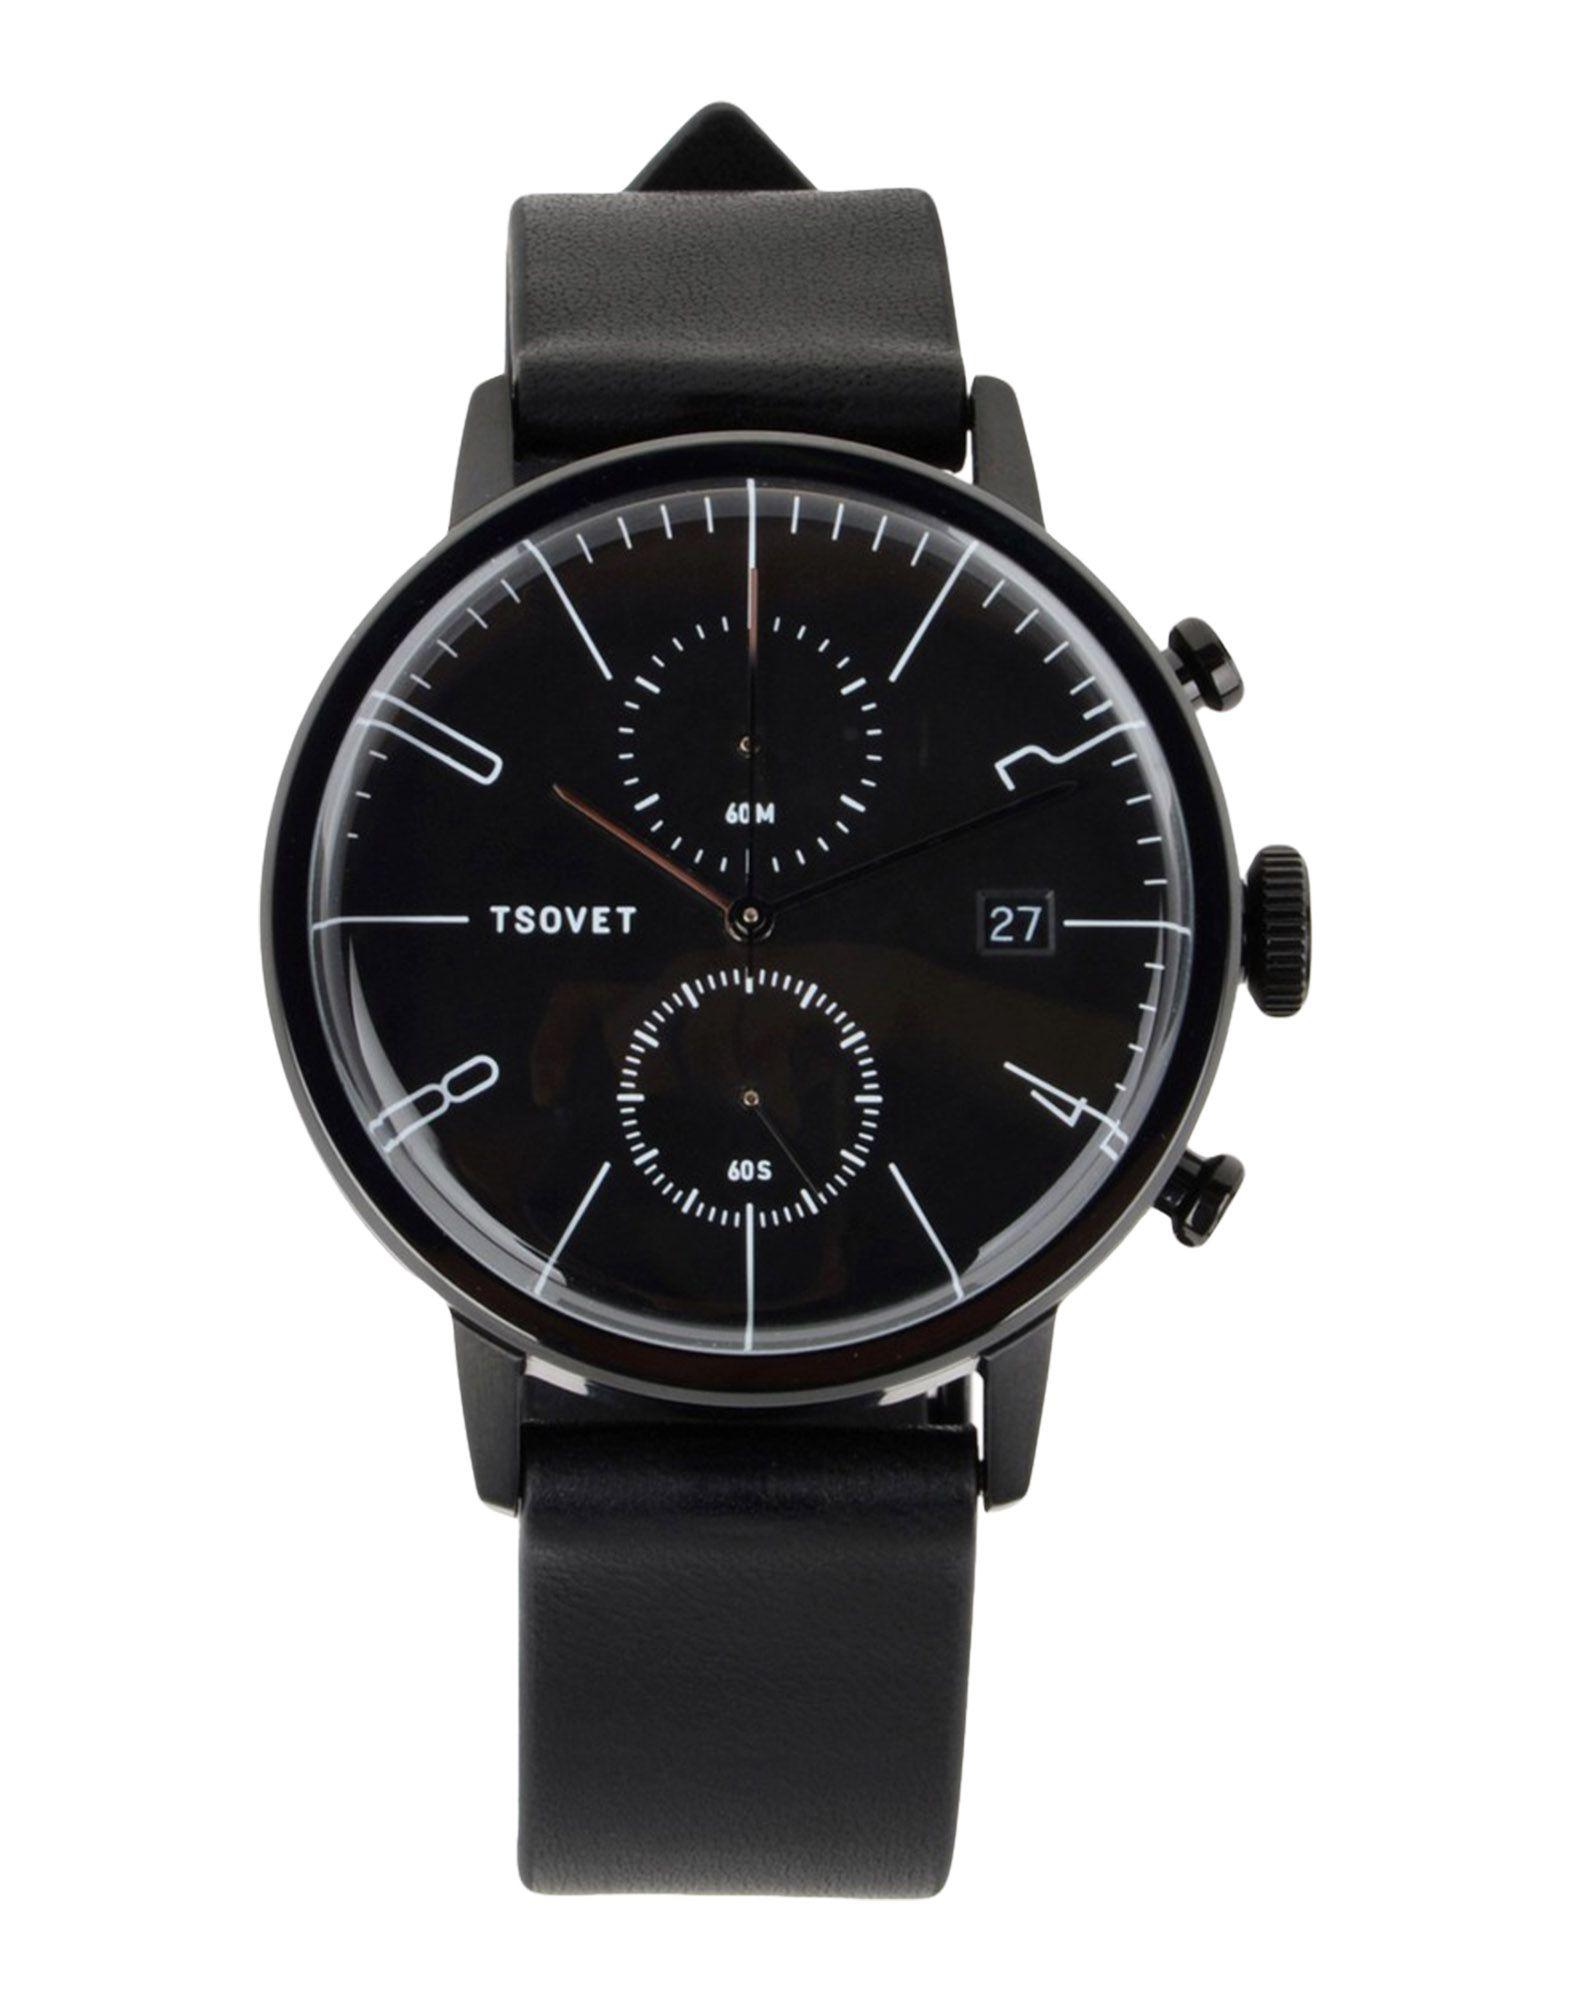 TSOVET Наручные часы ene мужские испанские гоночные наручные часы ene 10992